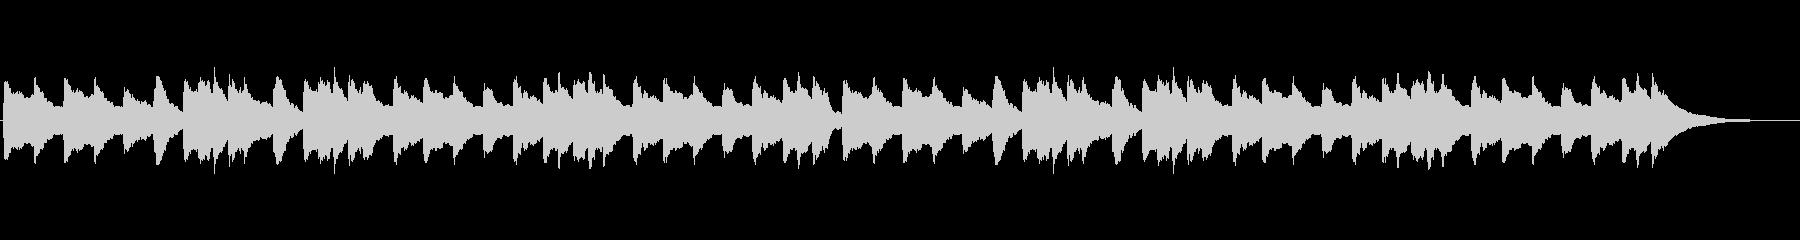 伴奏の未再生の波形